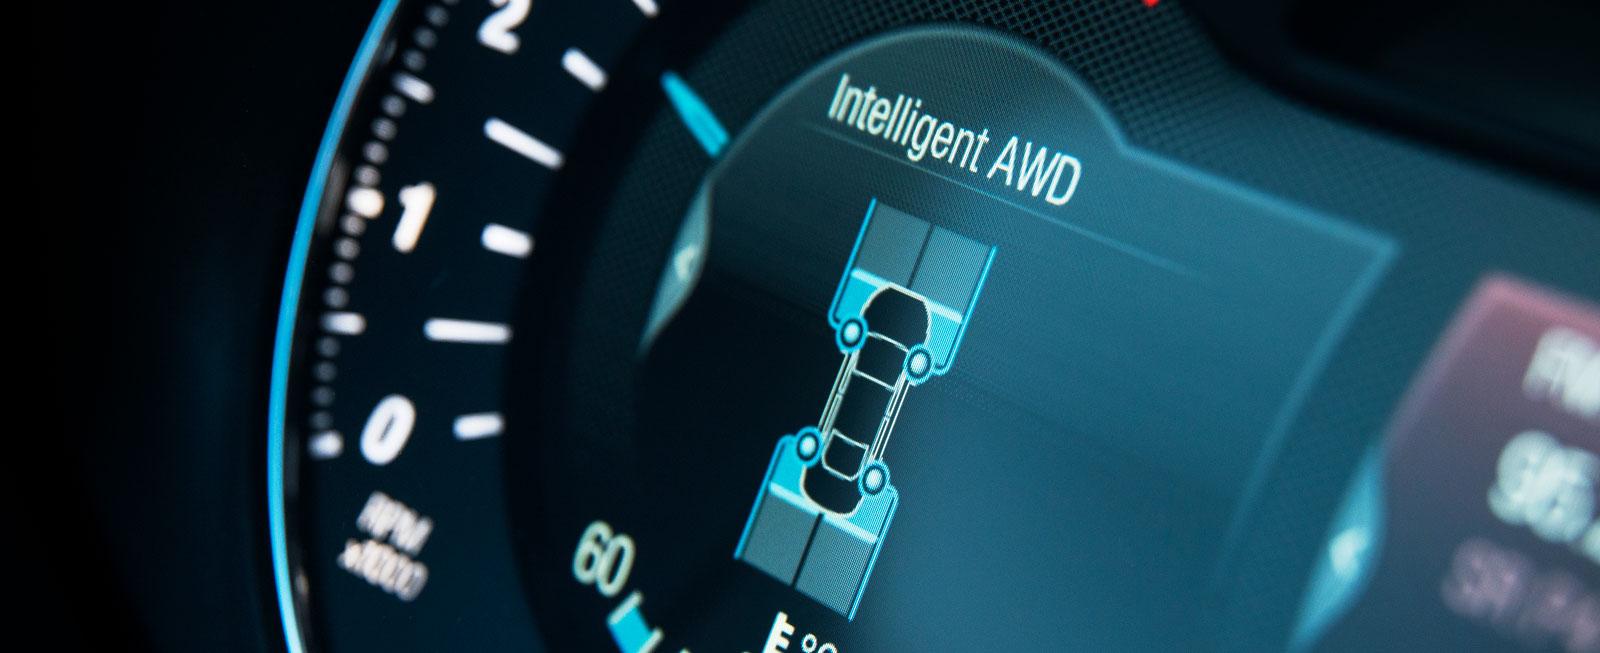 Färddatorn visar hur AWD-systemet fördelar kraften under körning.